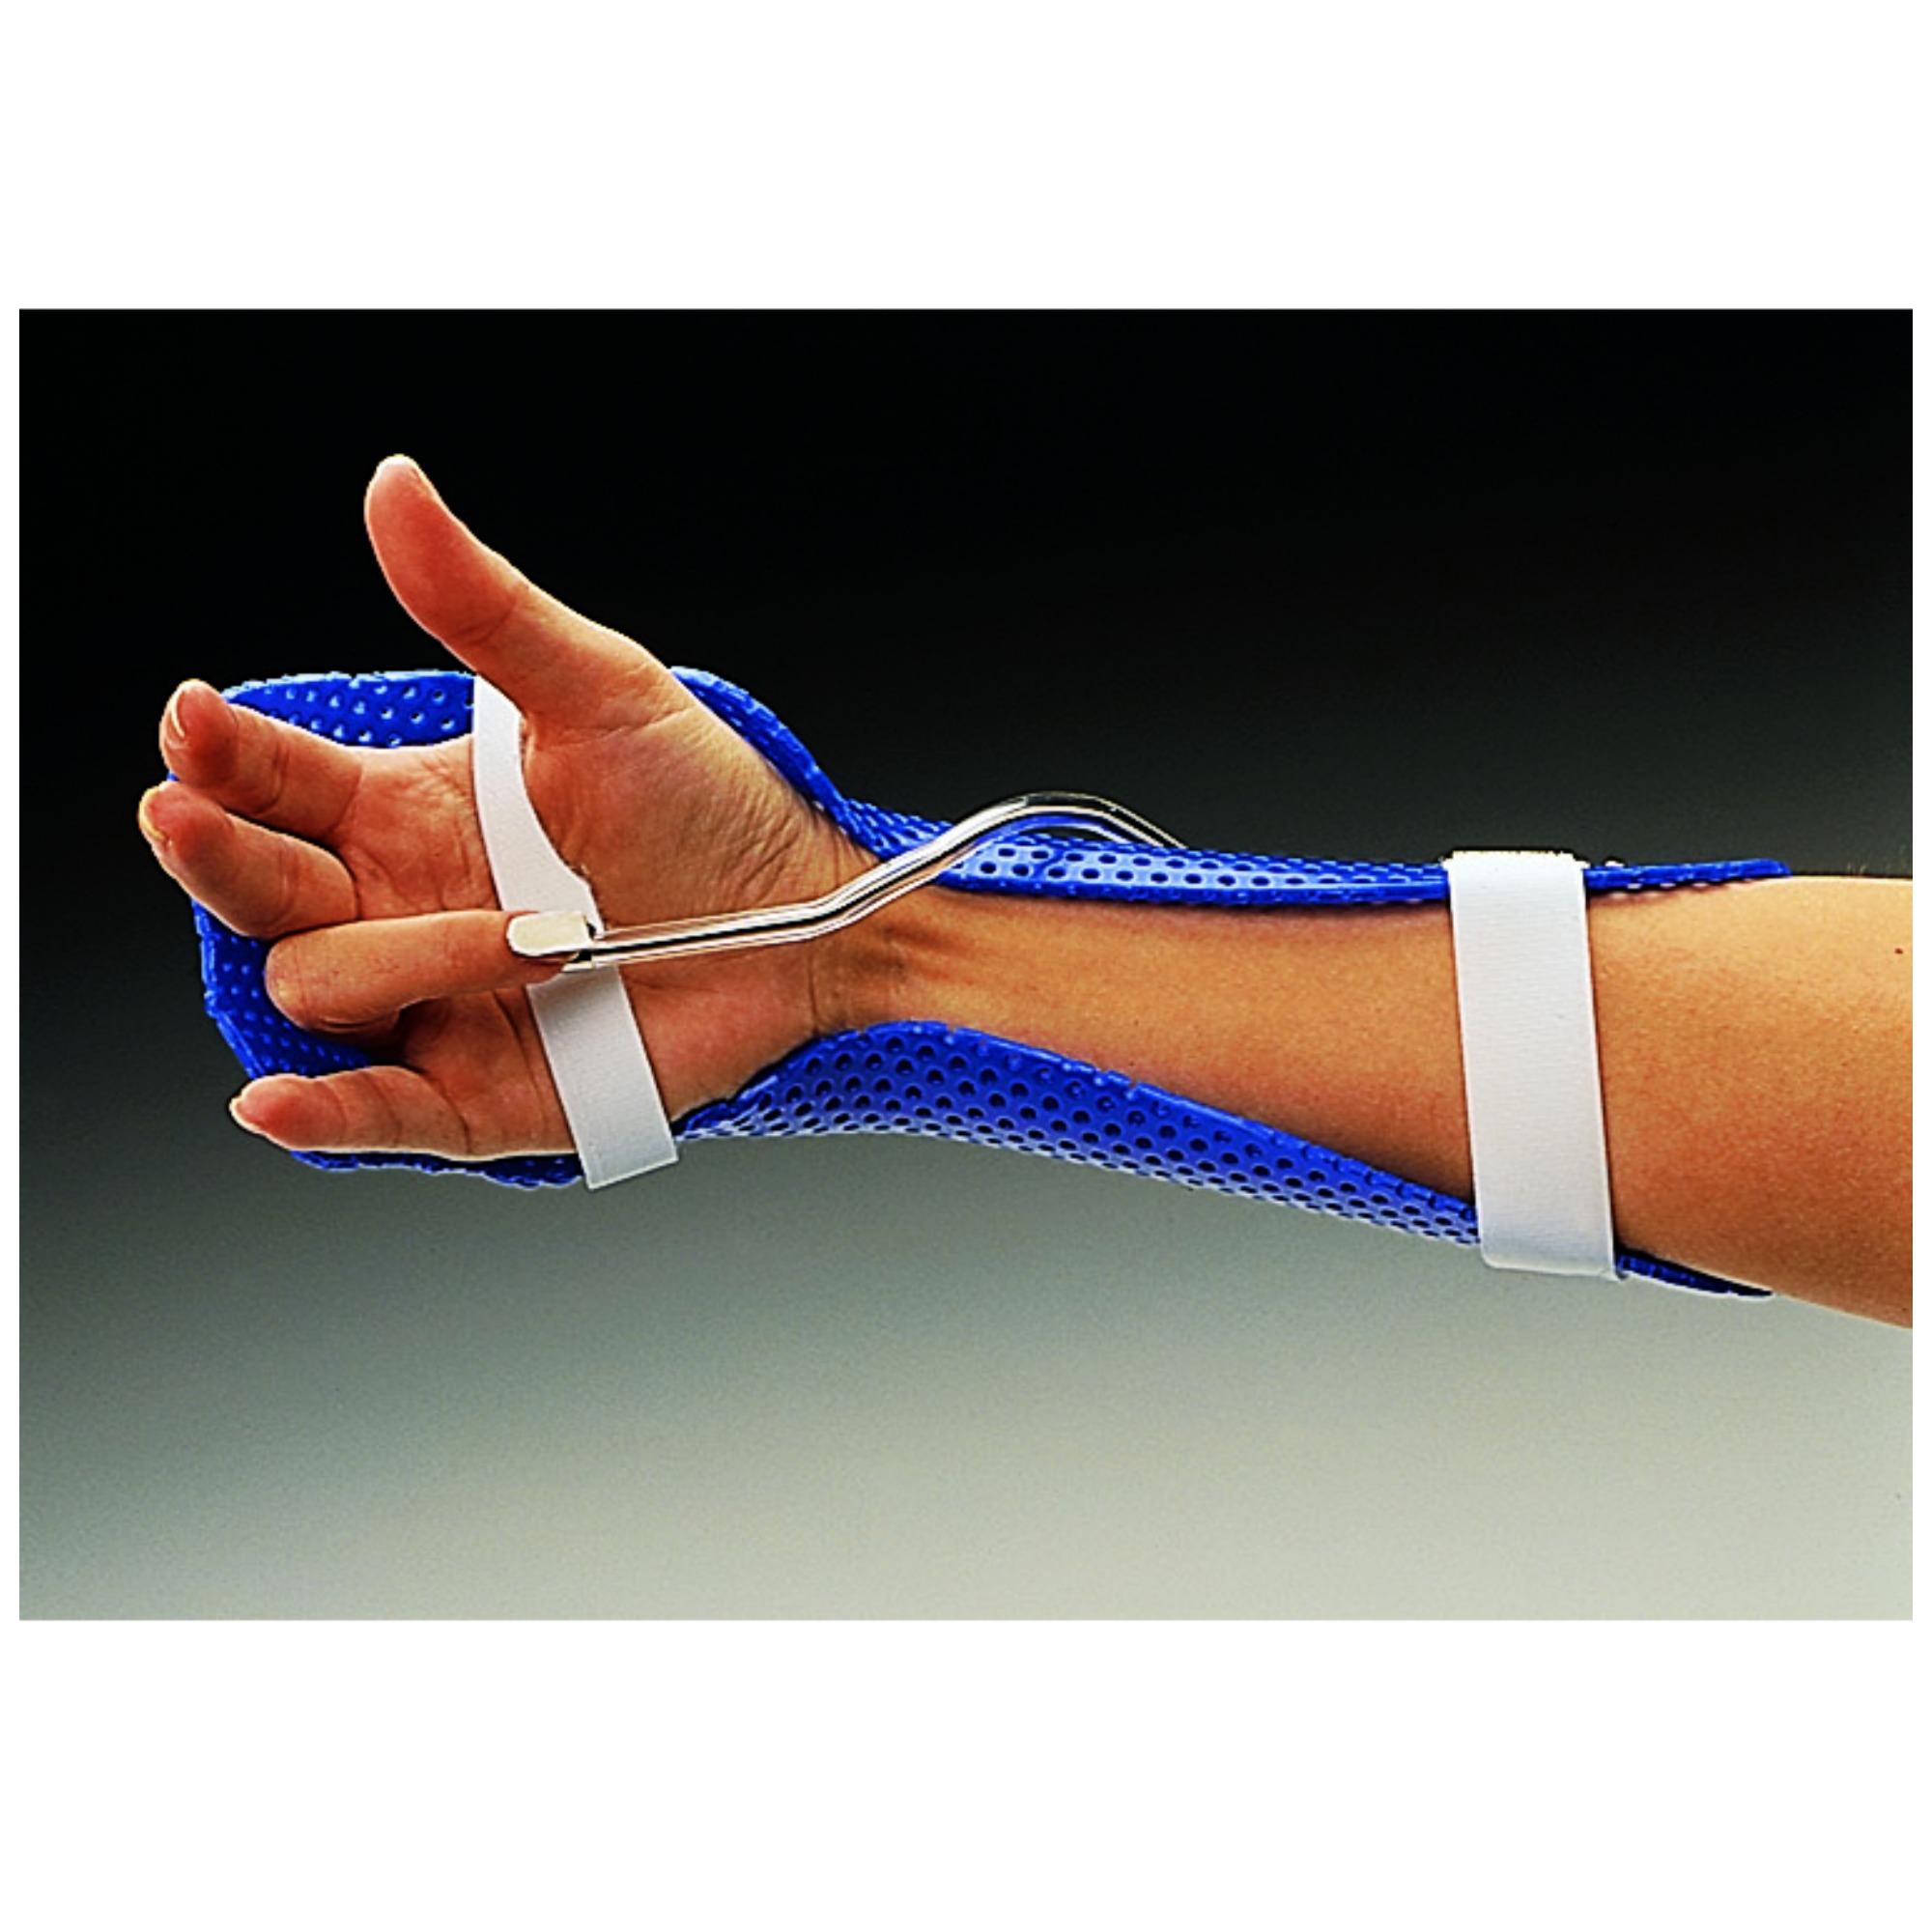 artritisz artrózis kezelésére szolgáló készülékek)